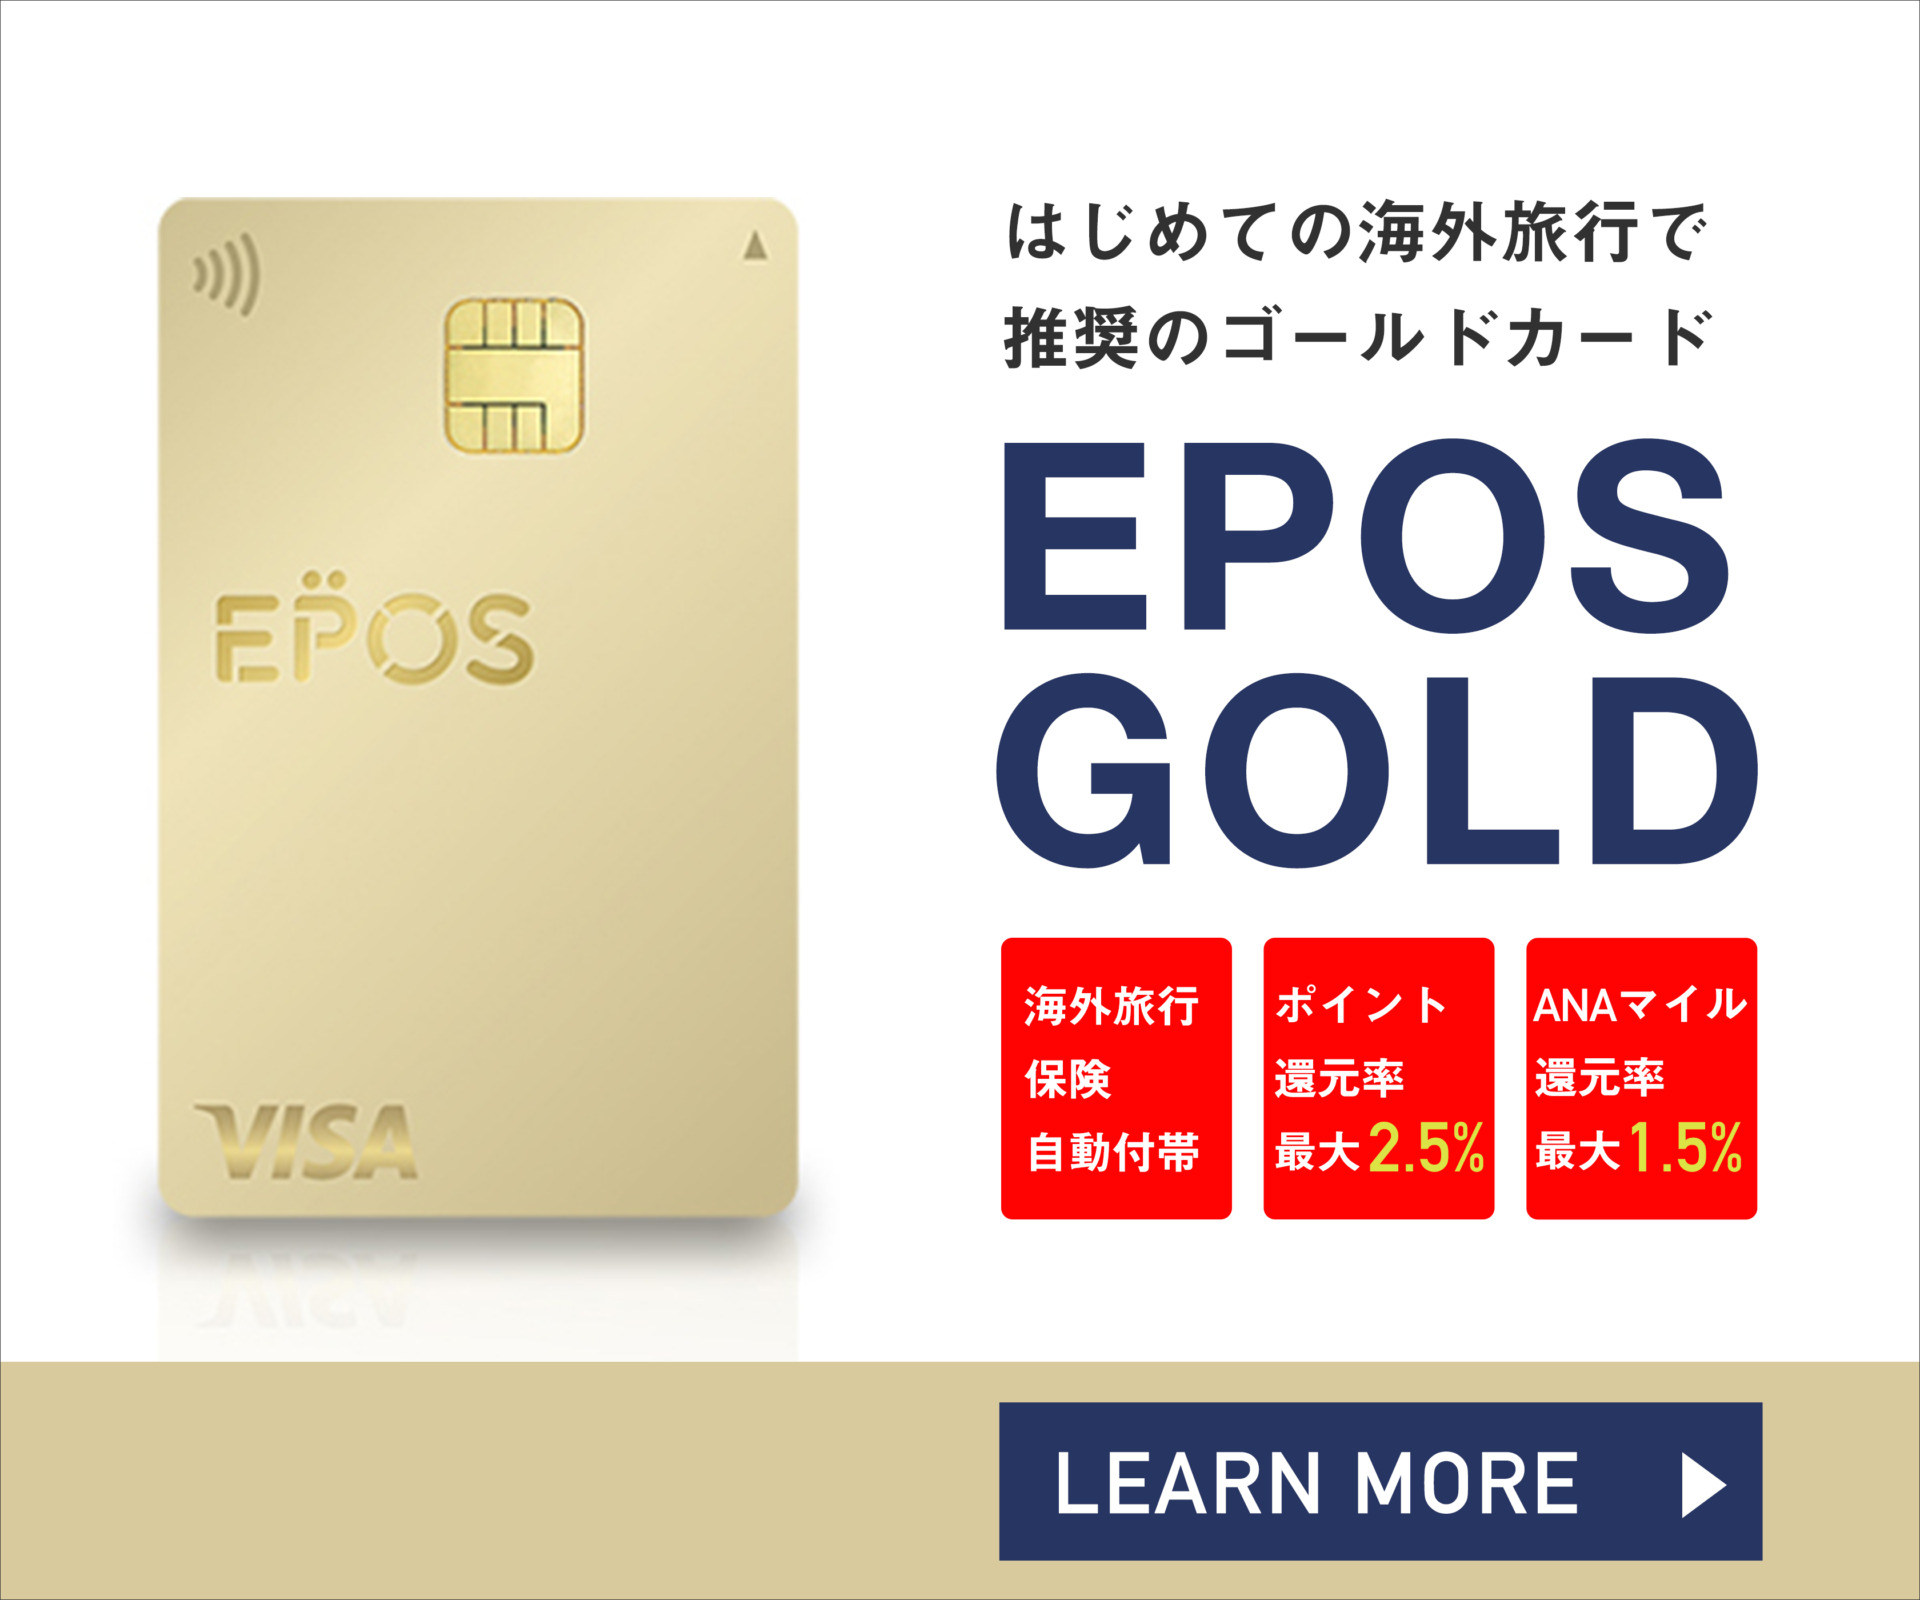 海外旅行保険自動付帯 エポスゴールドカードのメリット・デメリット ポイント還元率最大2.5%・ANAマイル還元率最大2.5%